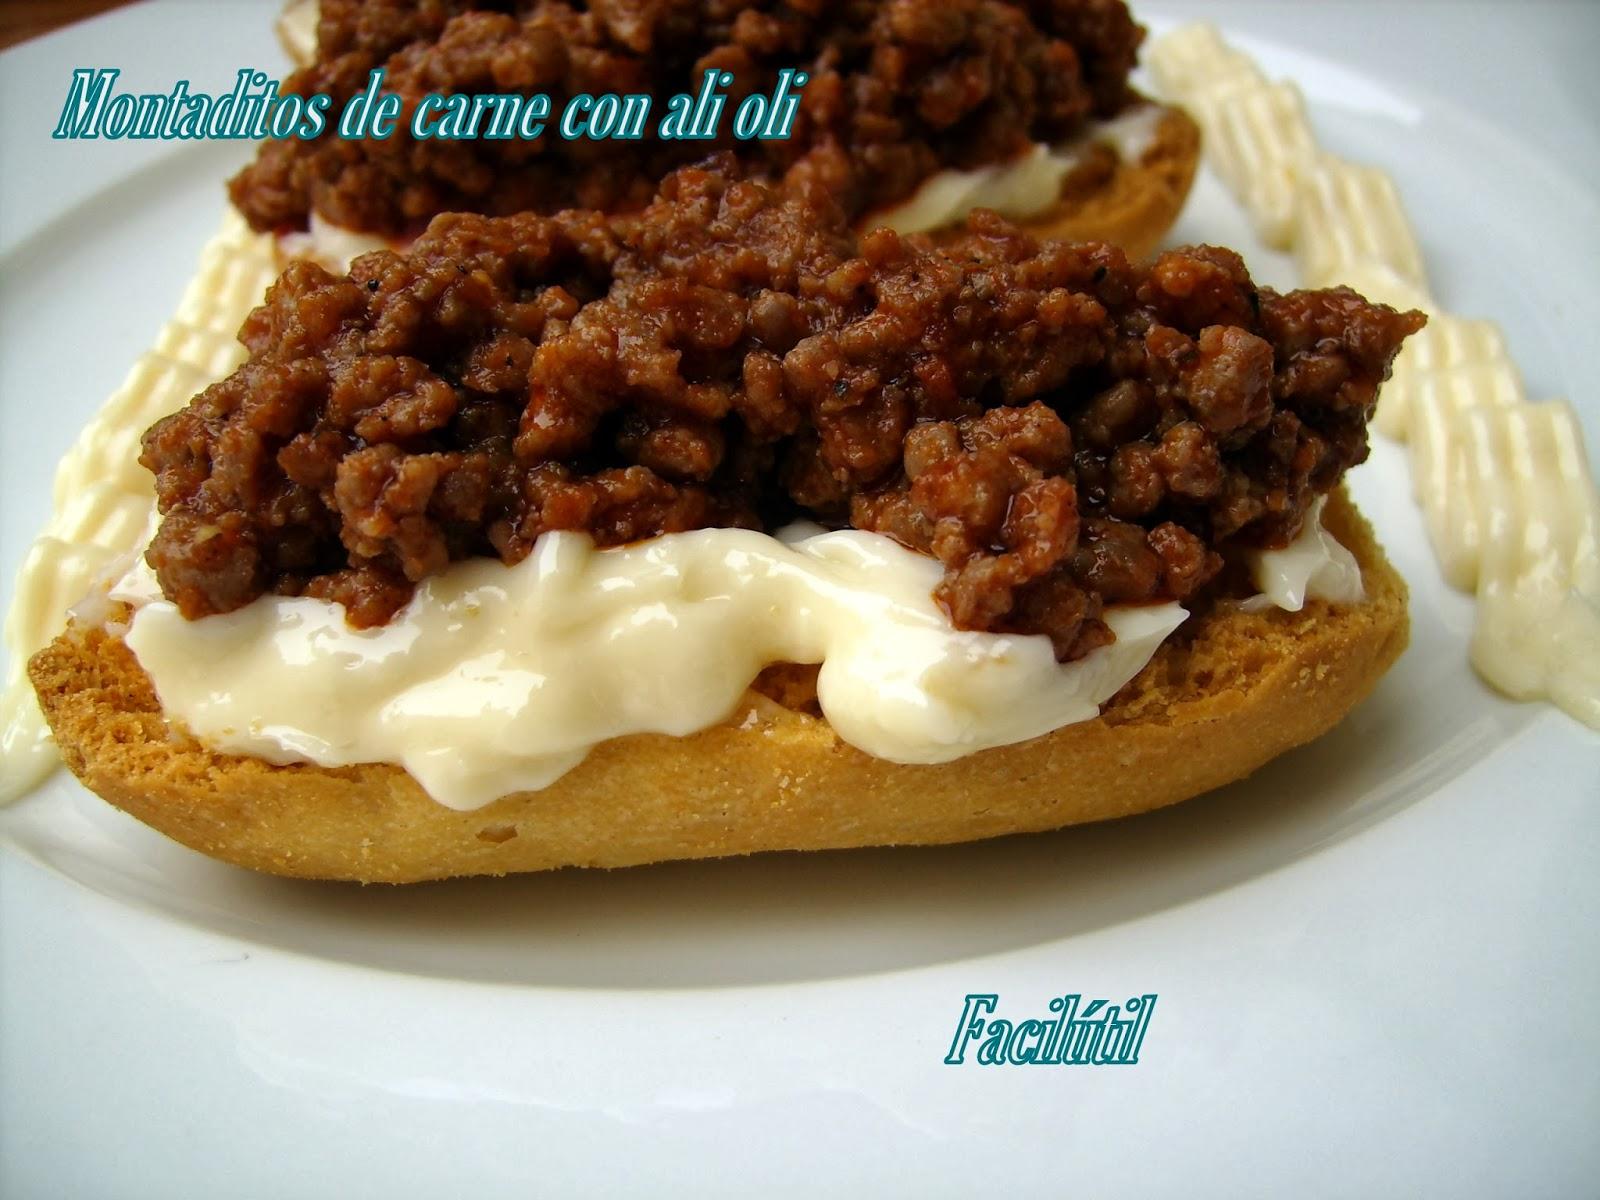 http://facilutil.blogspot.com.ar/2014/01/montaditos-de-carne-con-alioli.html